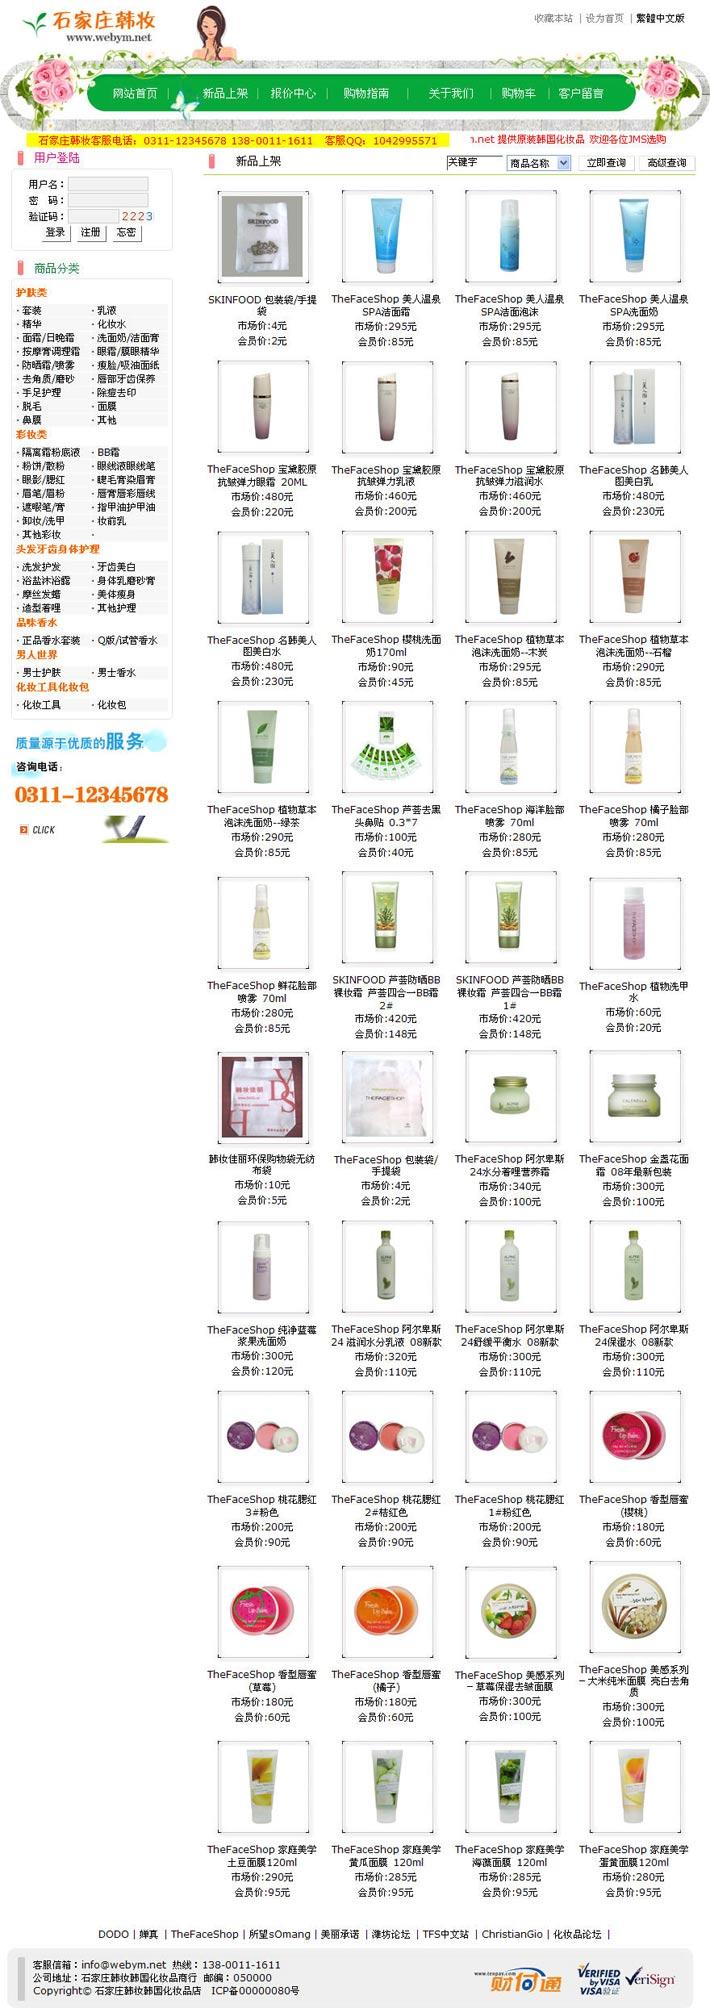 化妆品系统源程序